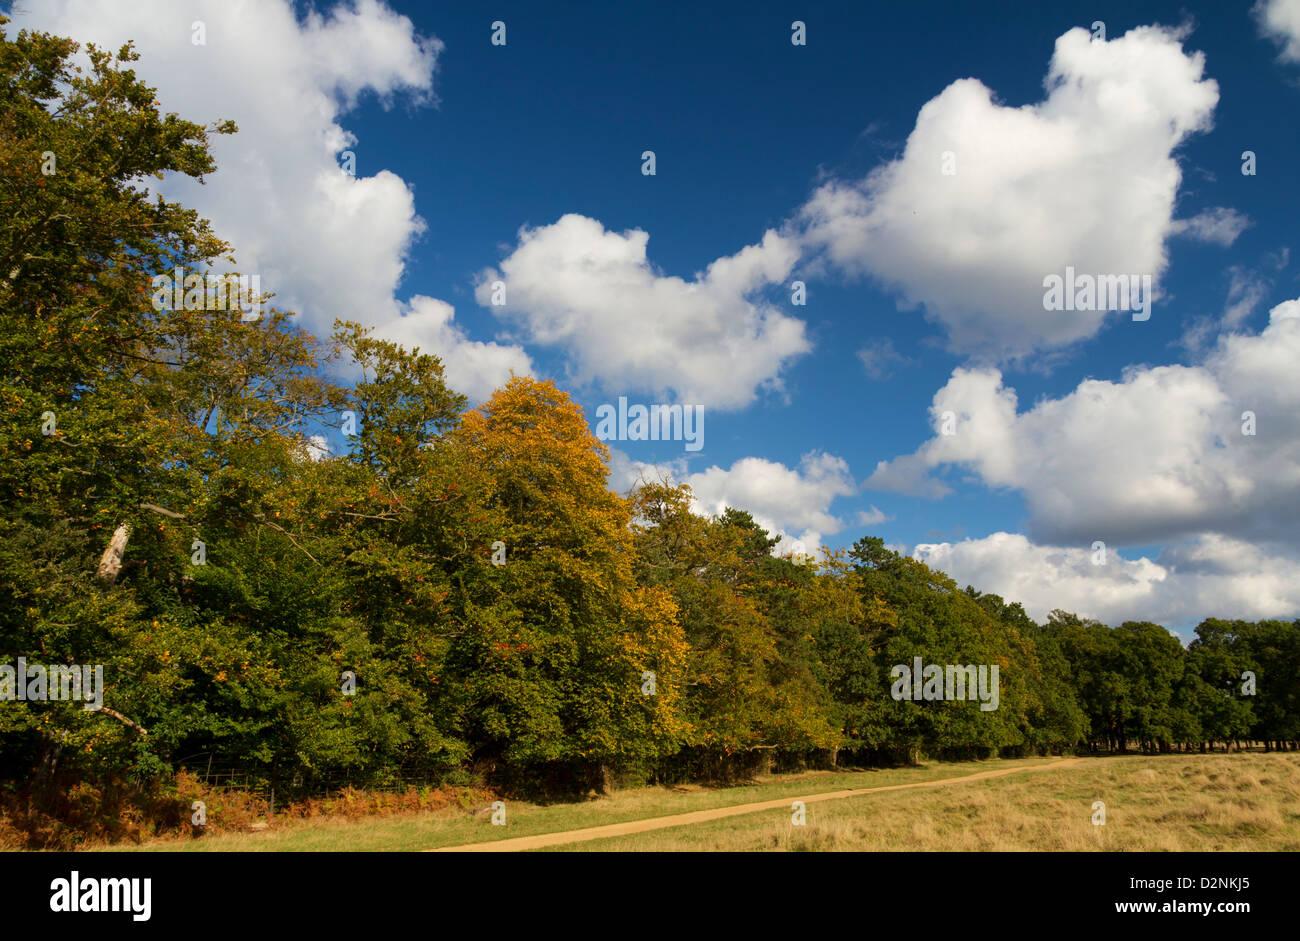 Frühherbst mit Wolkengebilde Stockbild